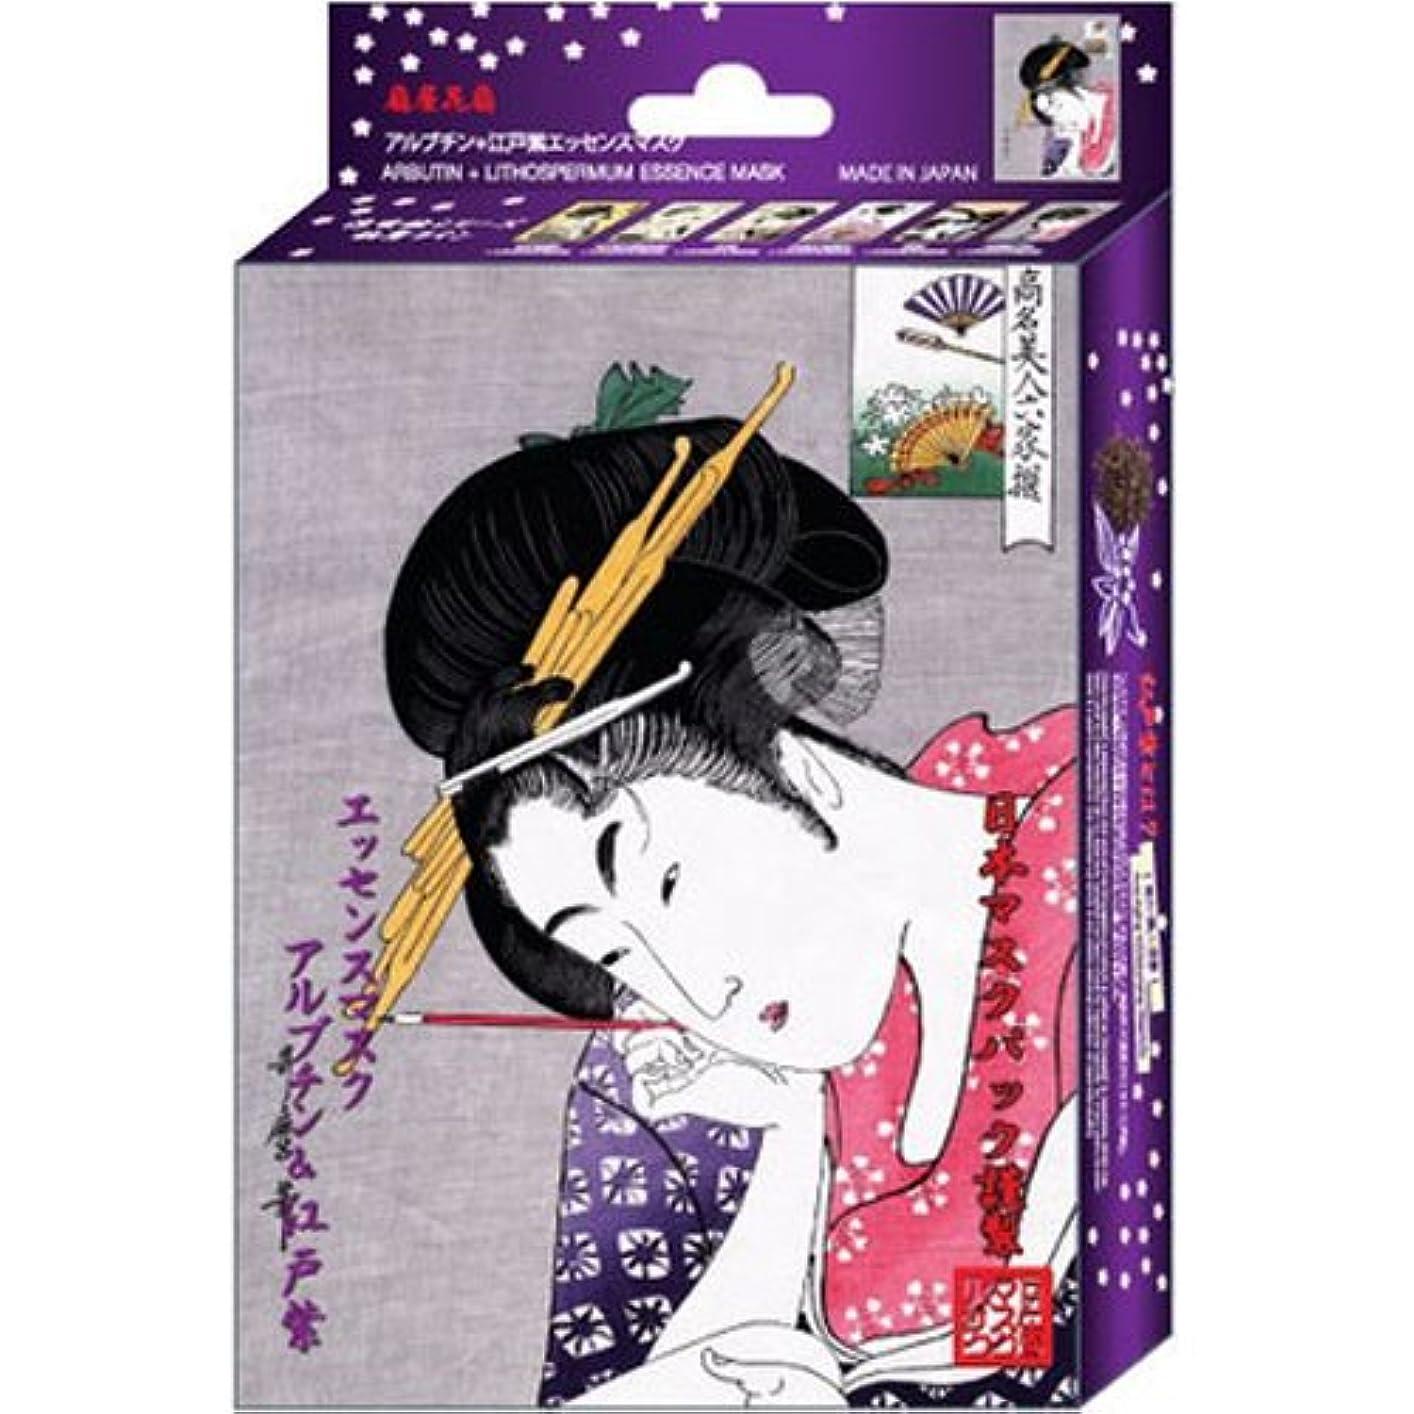 引退したプロテスタントテキスト浮世絵シリーズ 歌麿ライン エッセンスマスク アルブチン+江戸紫 (10枚入)